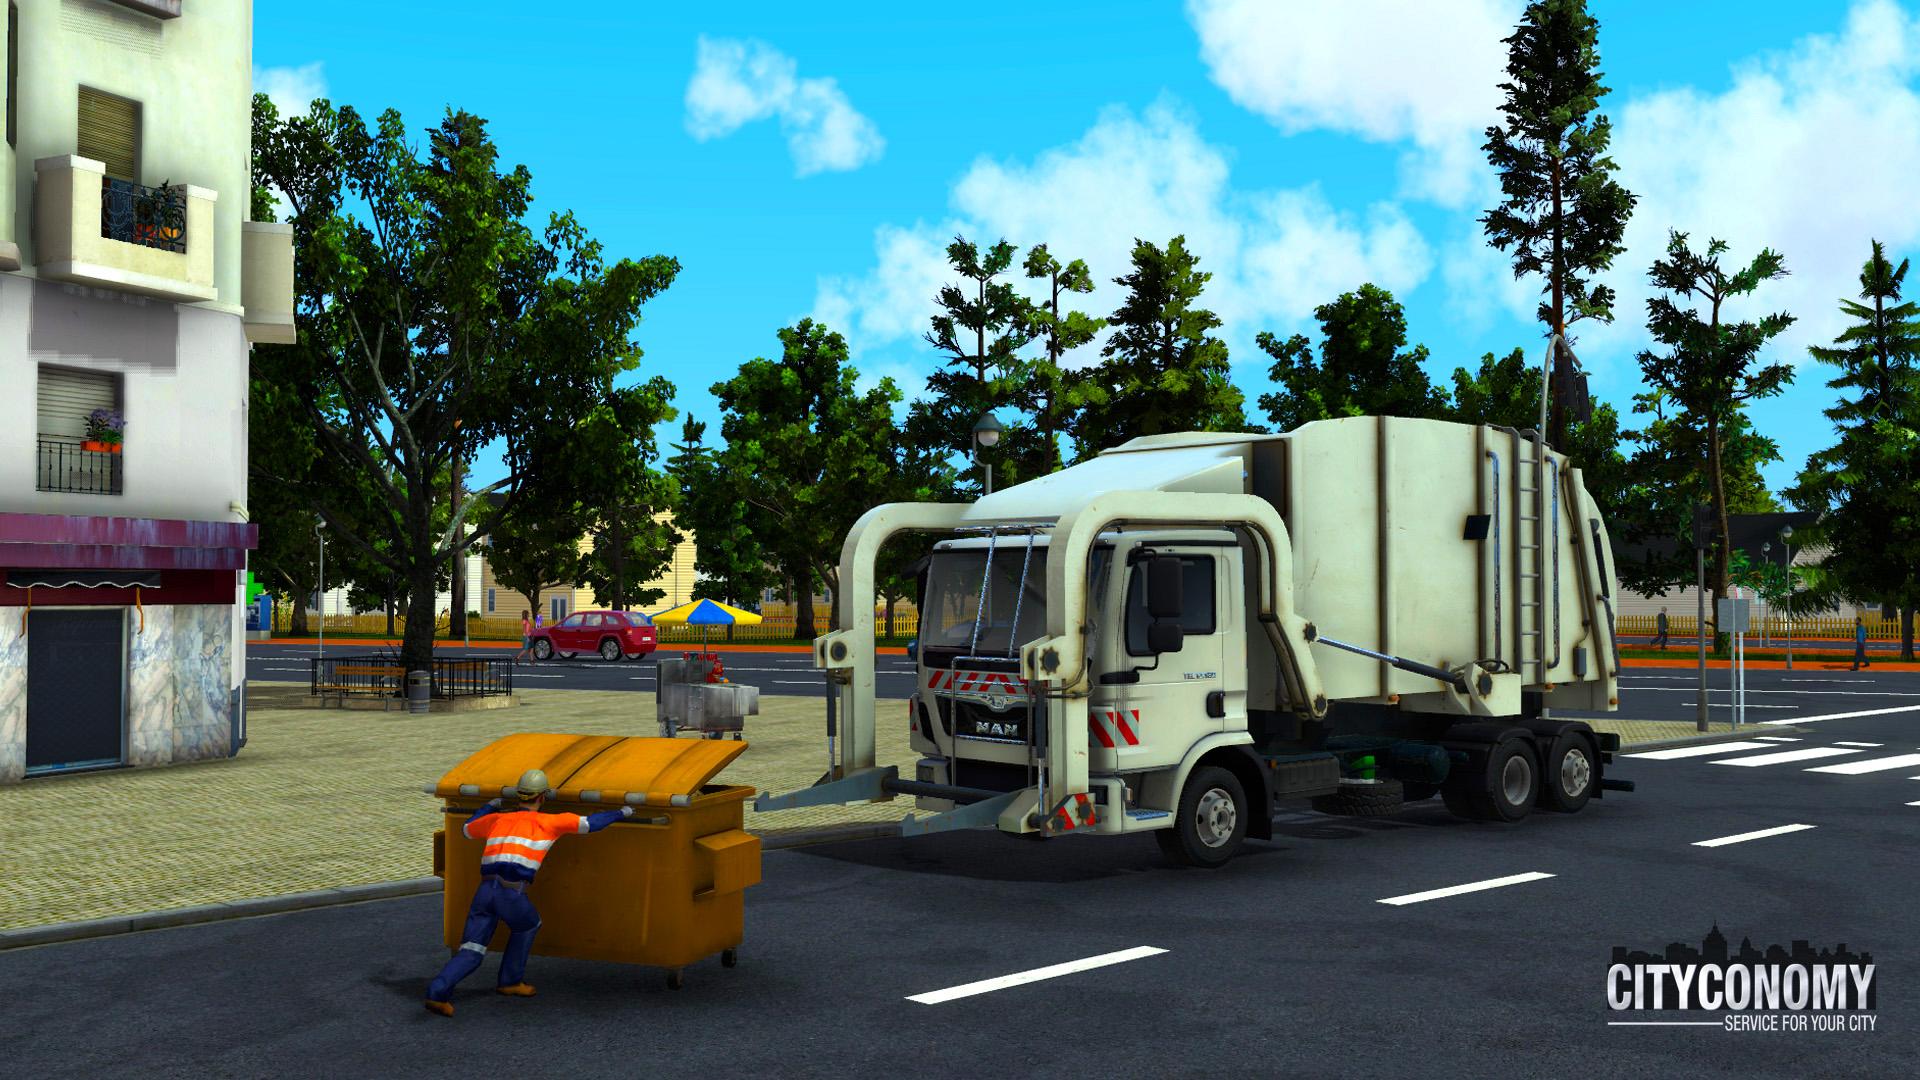 V simulátoru Cityconomy se budete starat o veřejné služby města 116072